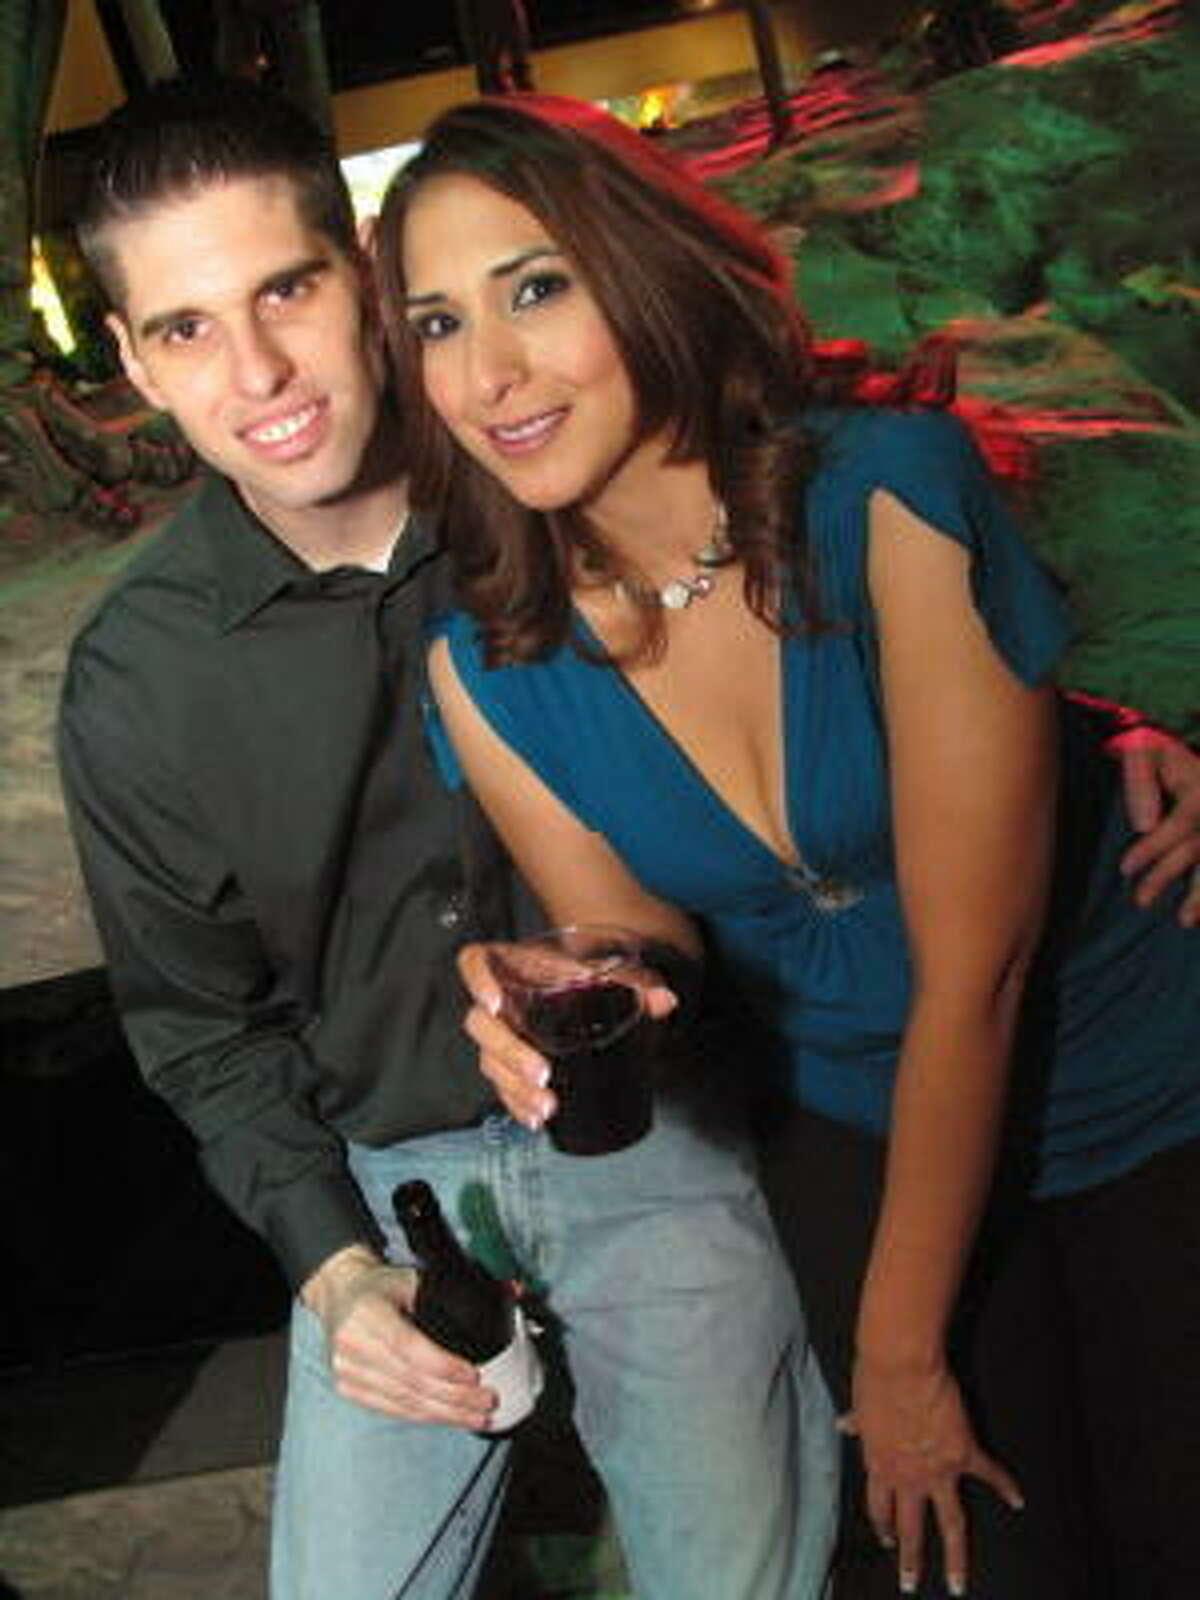 Chris Risinger, left, and Alicia Garcia